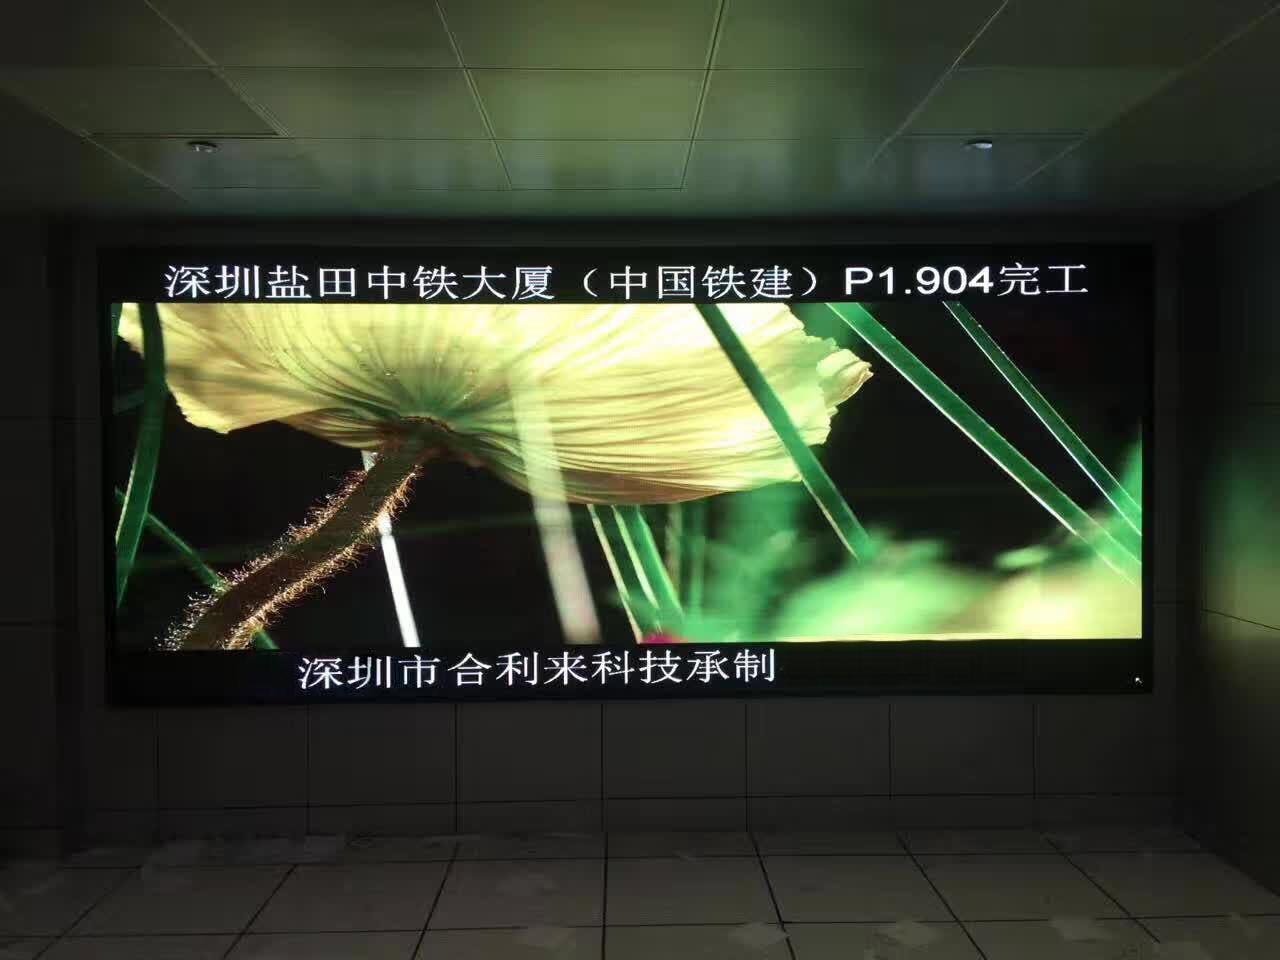 深圳盐田中铁大厦(中国铁建)P1.904全彩16平方调试完工!.jpg